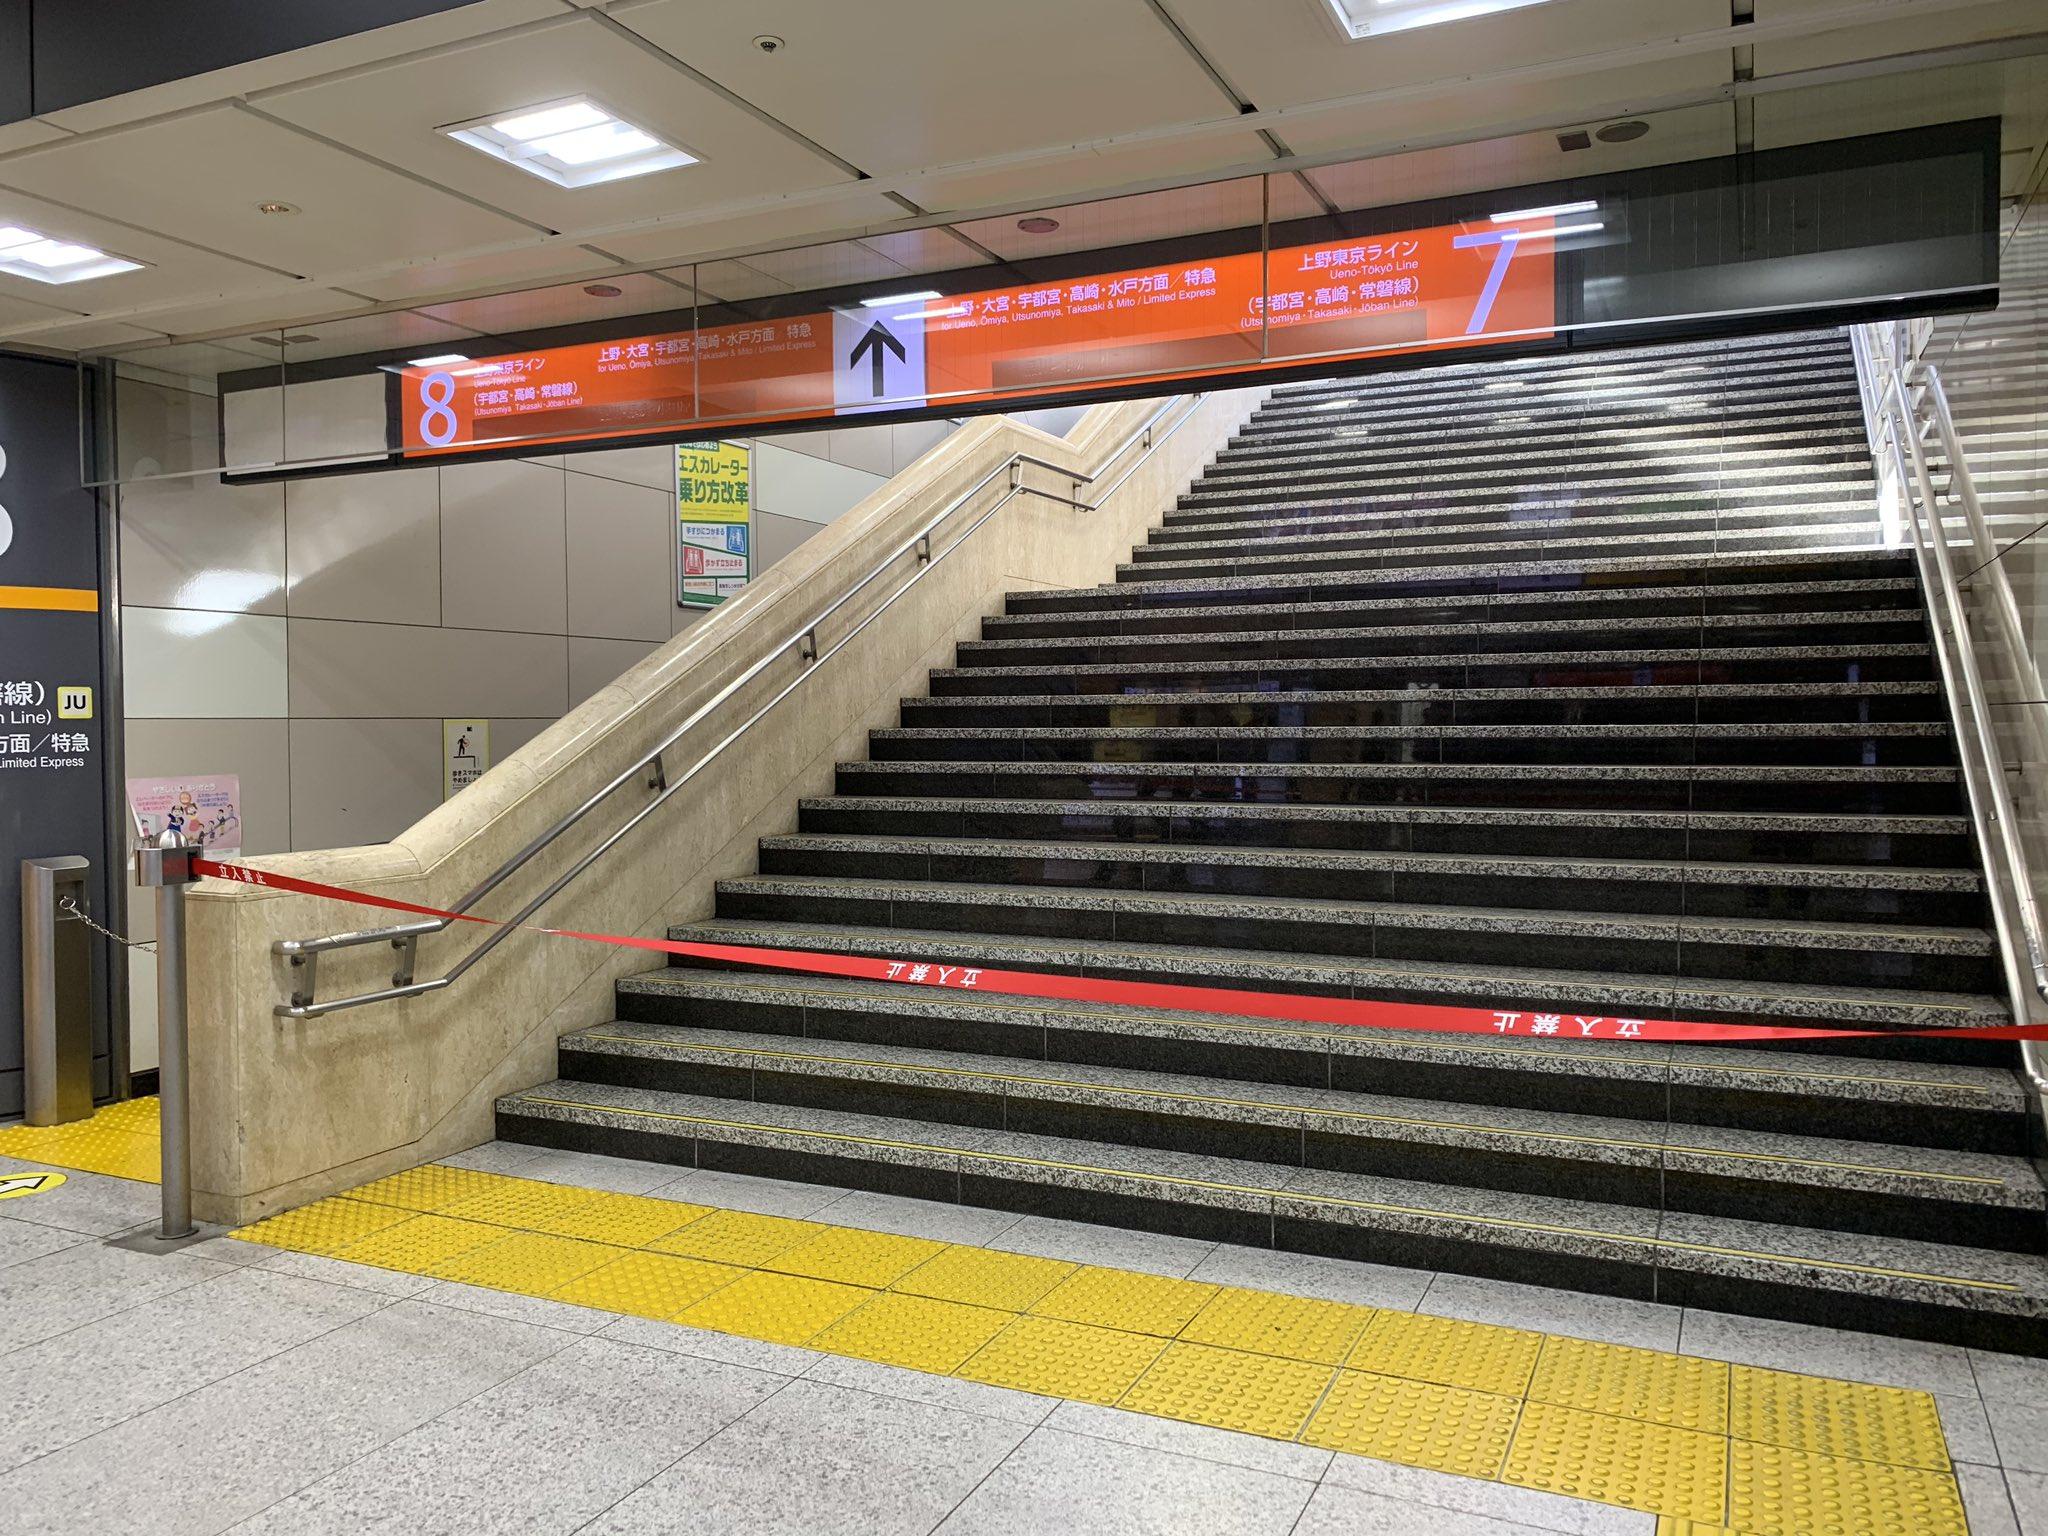 画像,東京駅はこんなでも、山手線は動いているので乗車。 https://t.co/uCoESvOzLZ。